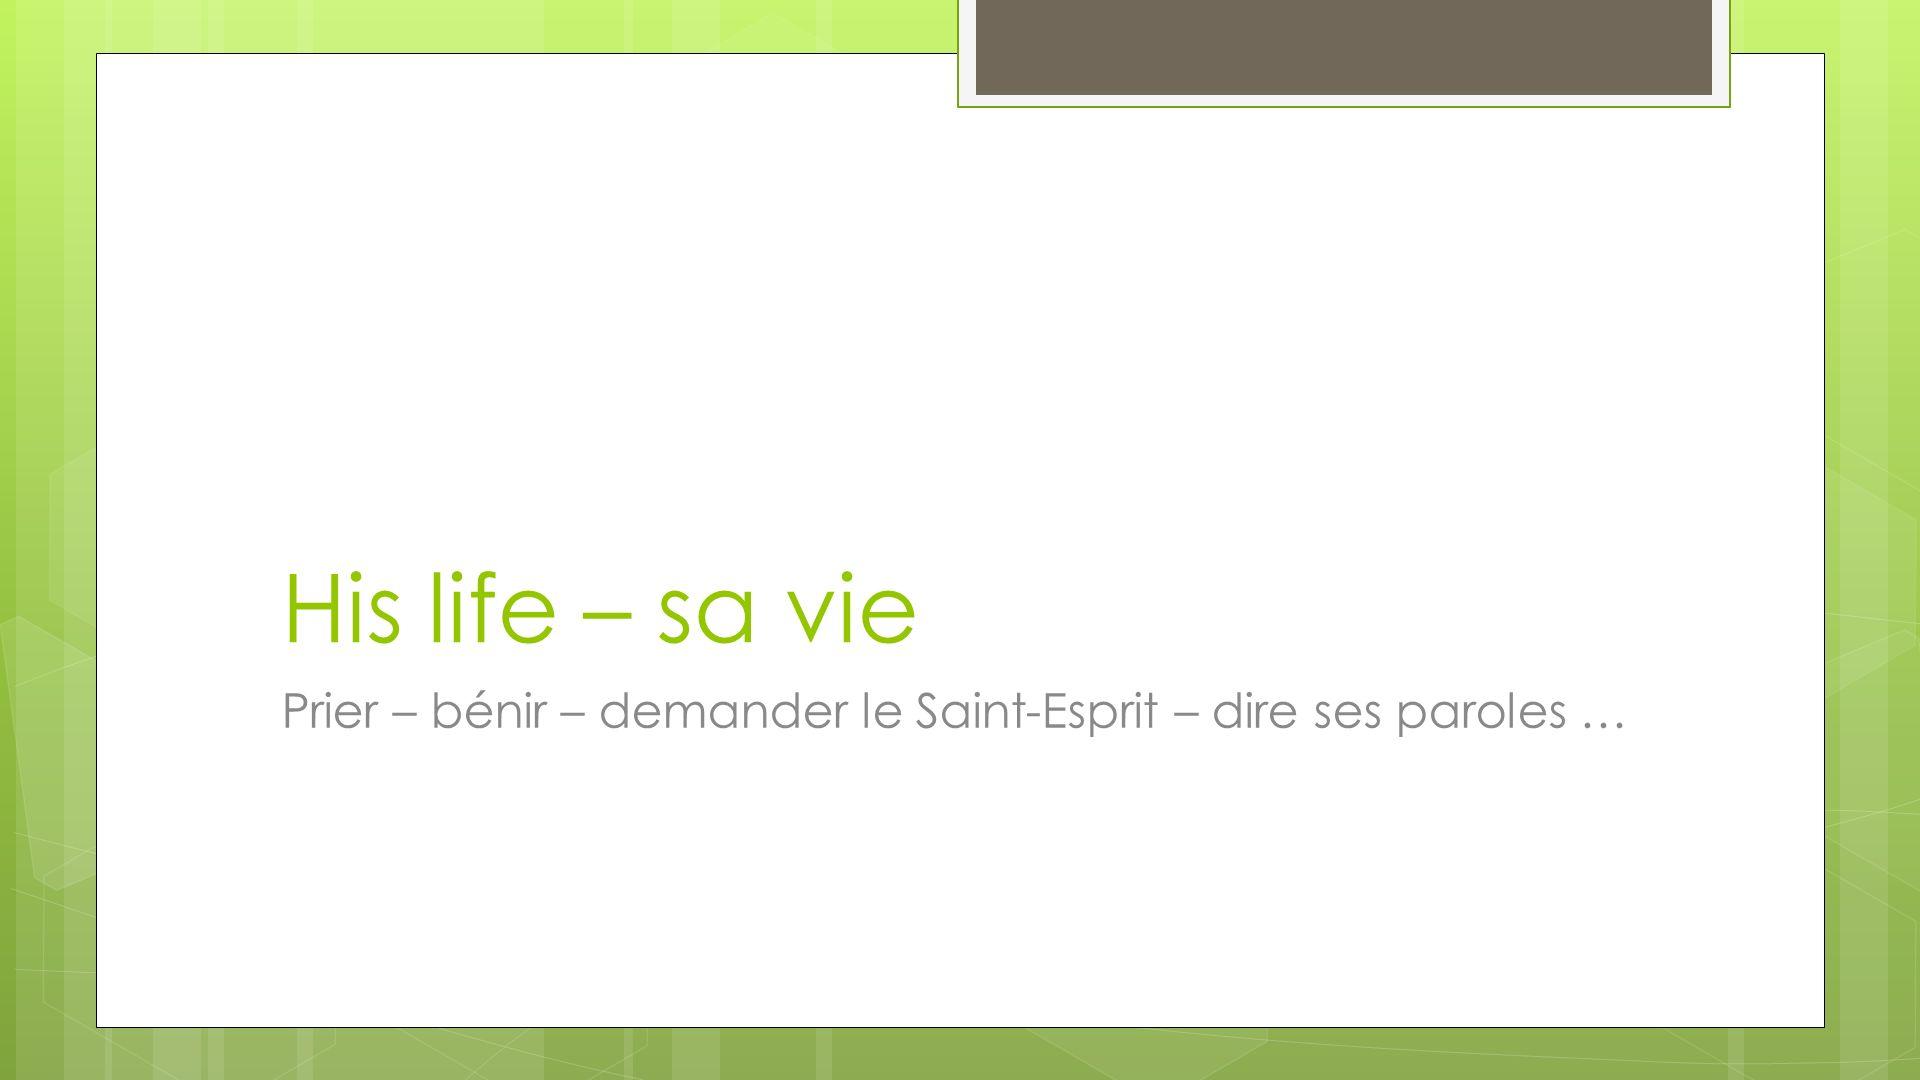 His life – sa vie Prier – bénir – demander le Saint-Esprit – dire ses paroles …